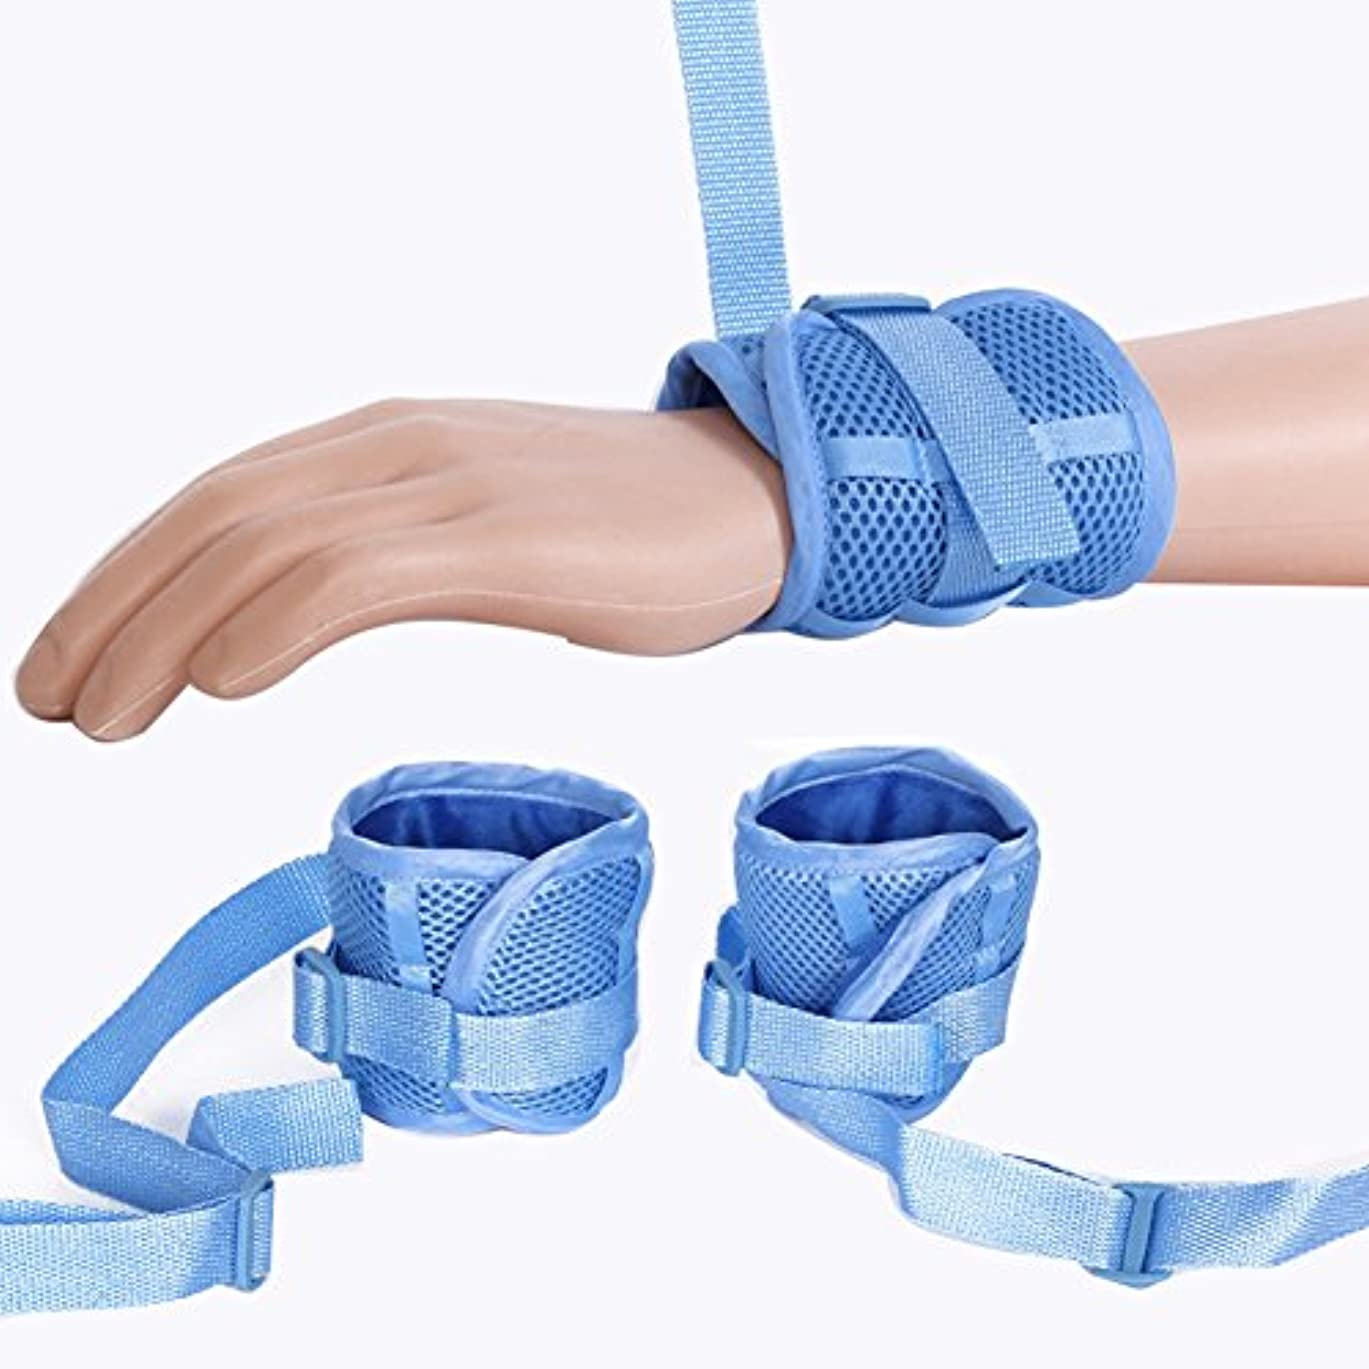 ばか間違っている自殺コントロール?マット医療用拘束具患者の手の感染用具防護用具ユニバーサル?コントロール防御用固定手袋 - 青色1組